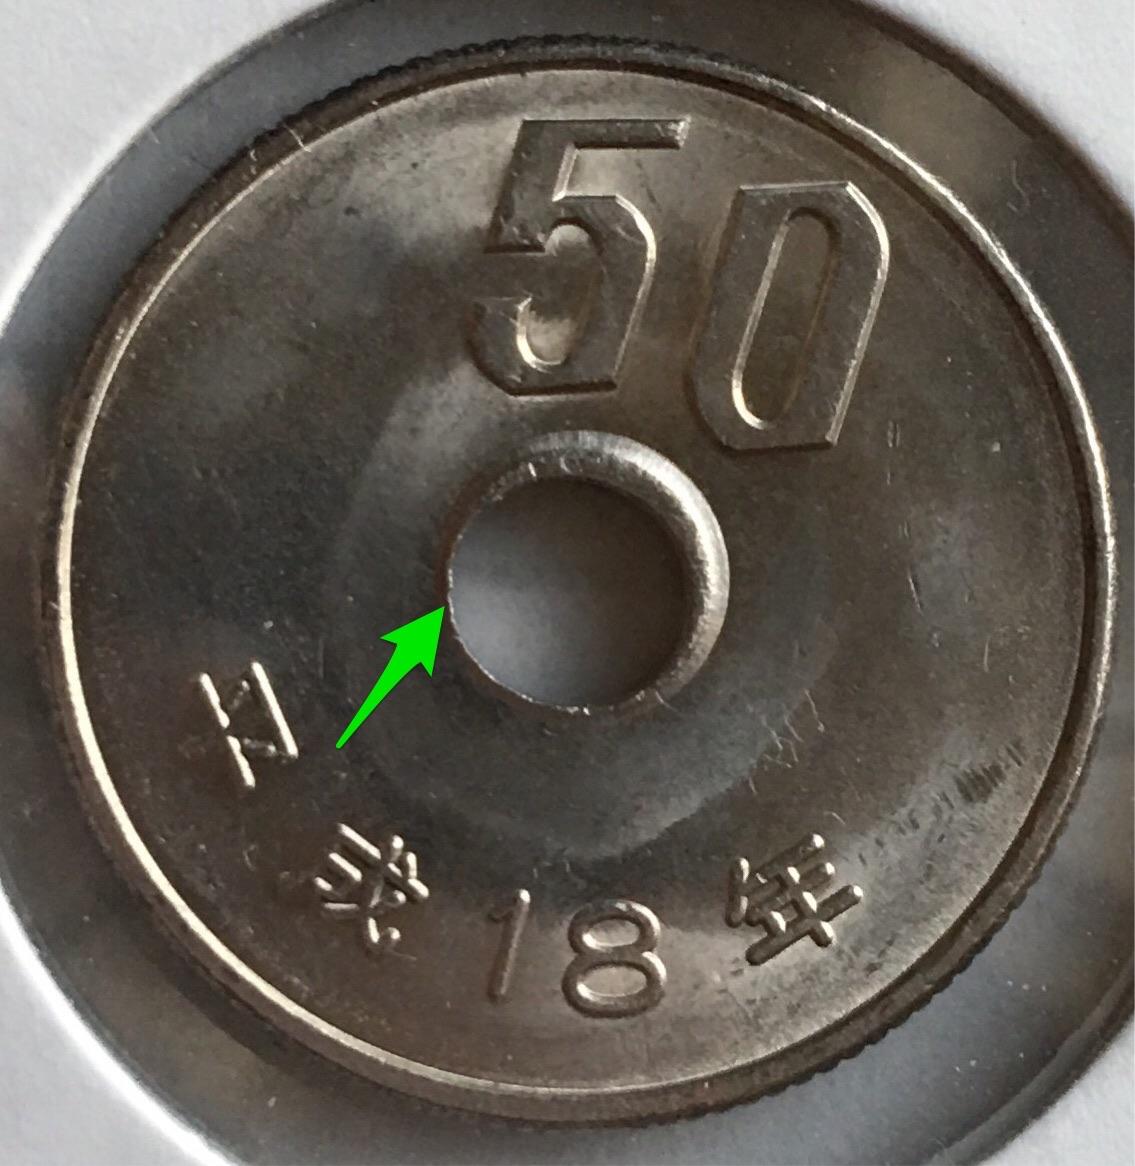 ある 価値 円 号 年 玉 50 の